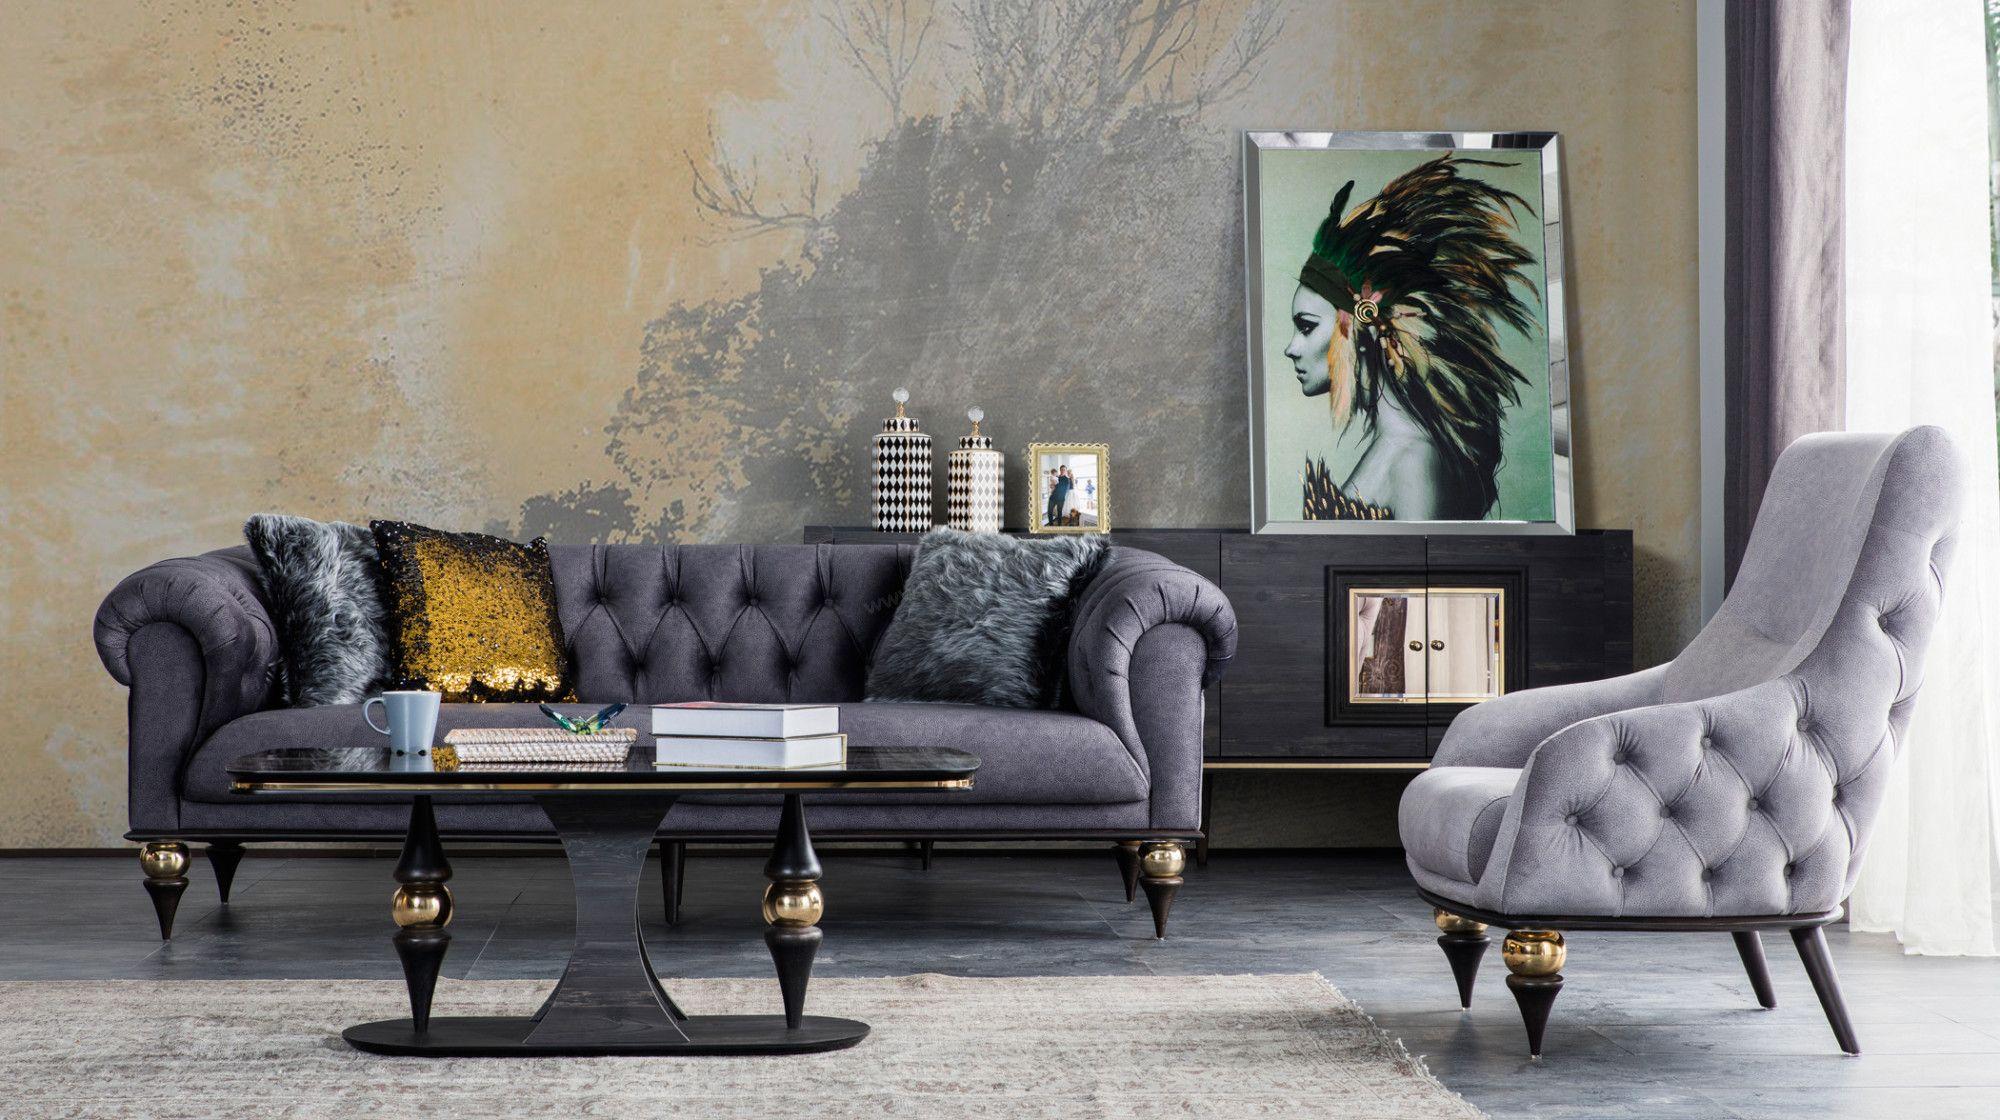 Zen Art Deco Koltuk Takimi Mobilya Tasarimi Oturma Odasi Fikirleri Mobilya